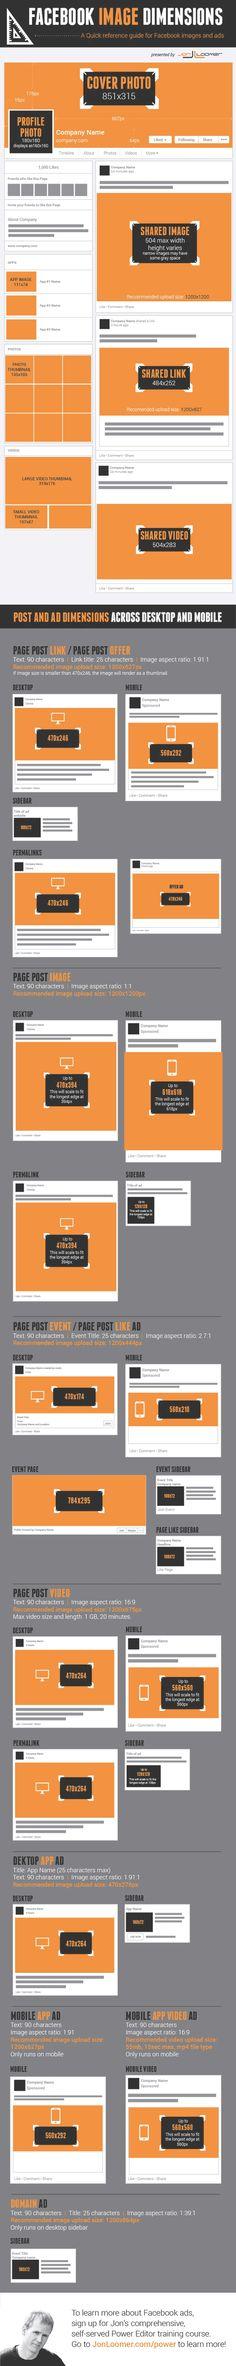 Foto: Infografía: Guía de branding para páginas de Facebook, dimensiones de imágenes   redes sociales 2 infografias 2 branding diseno